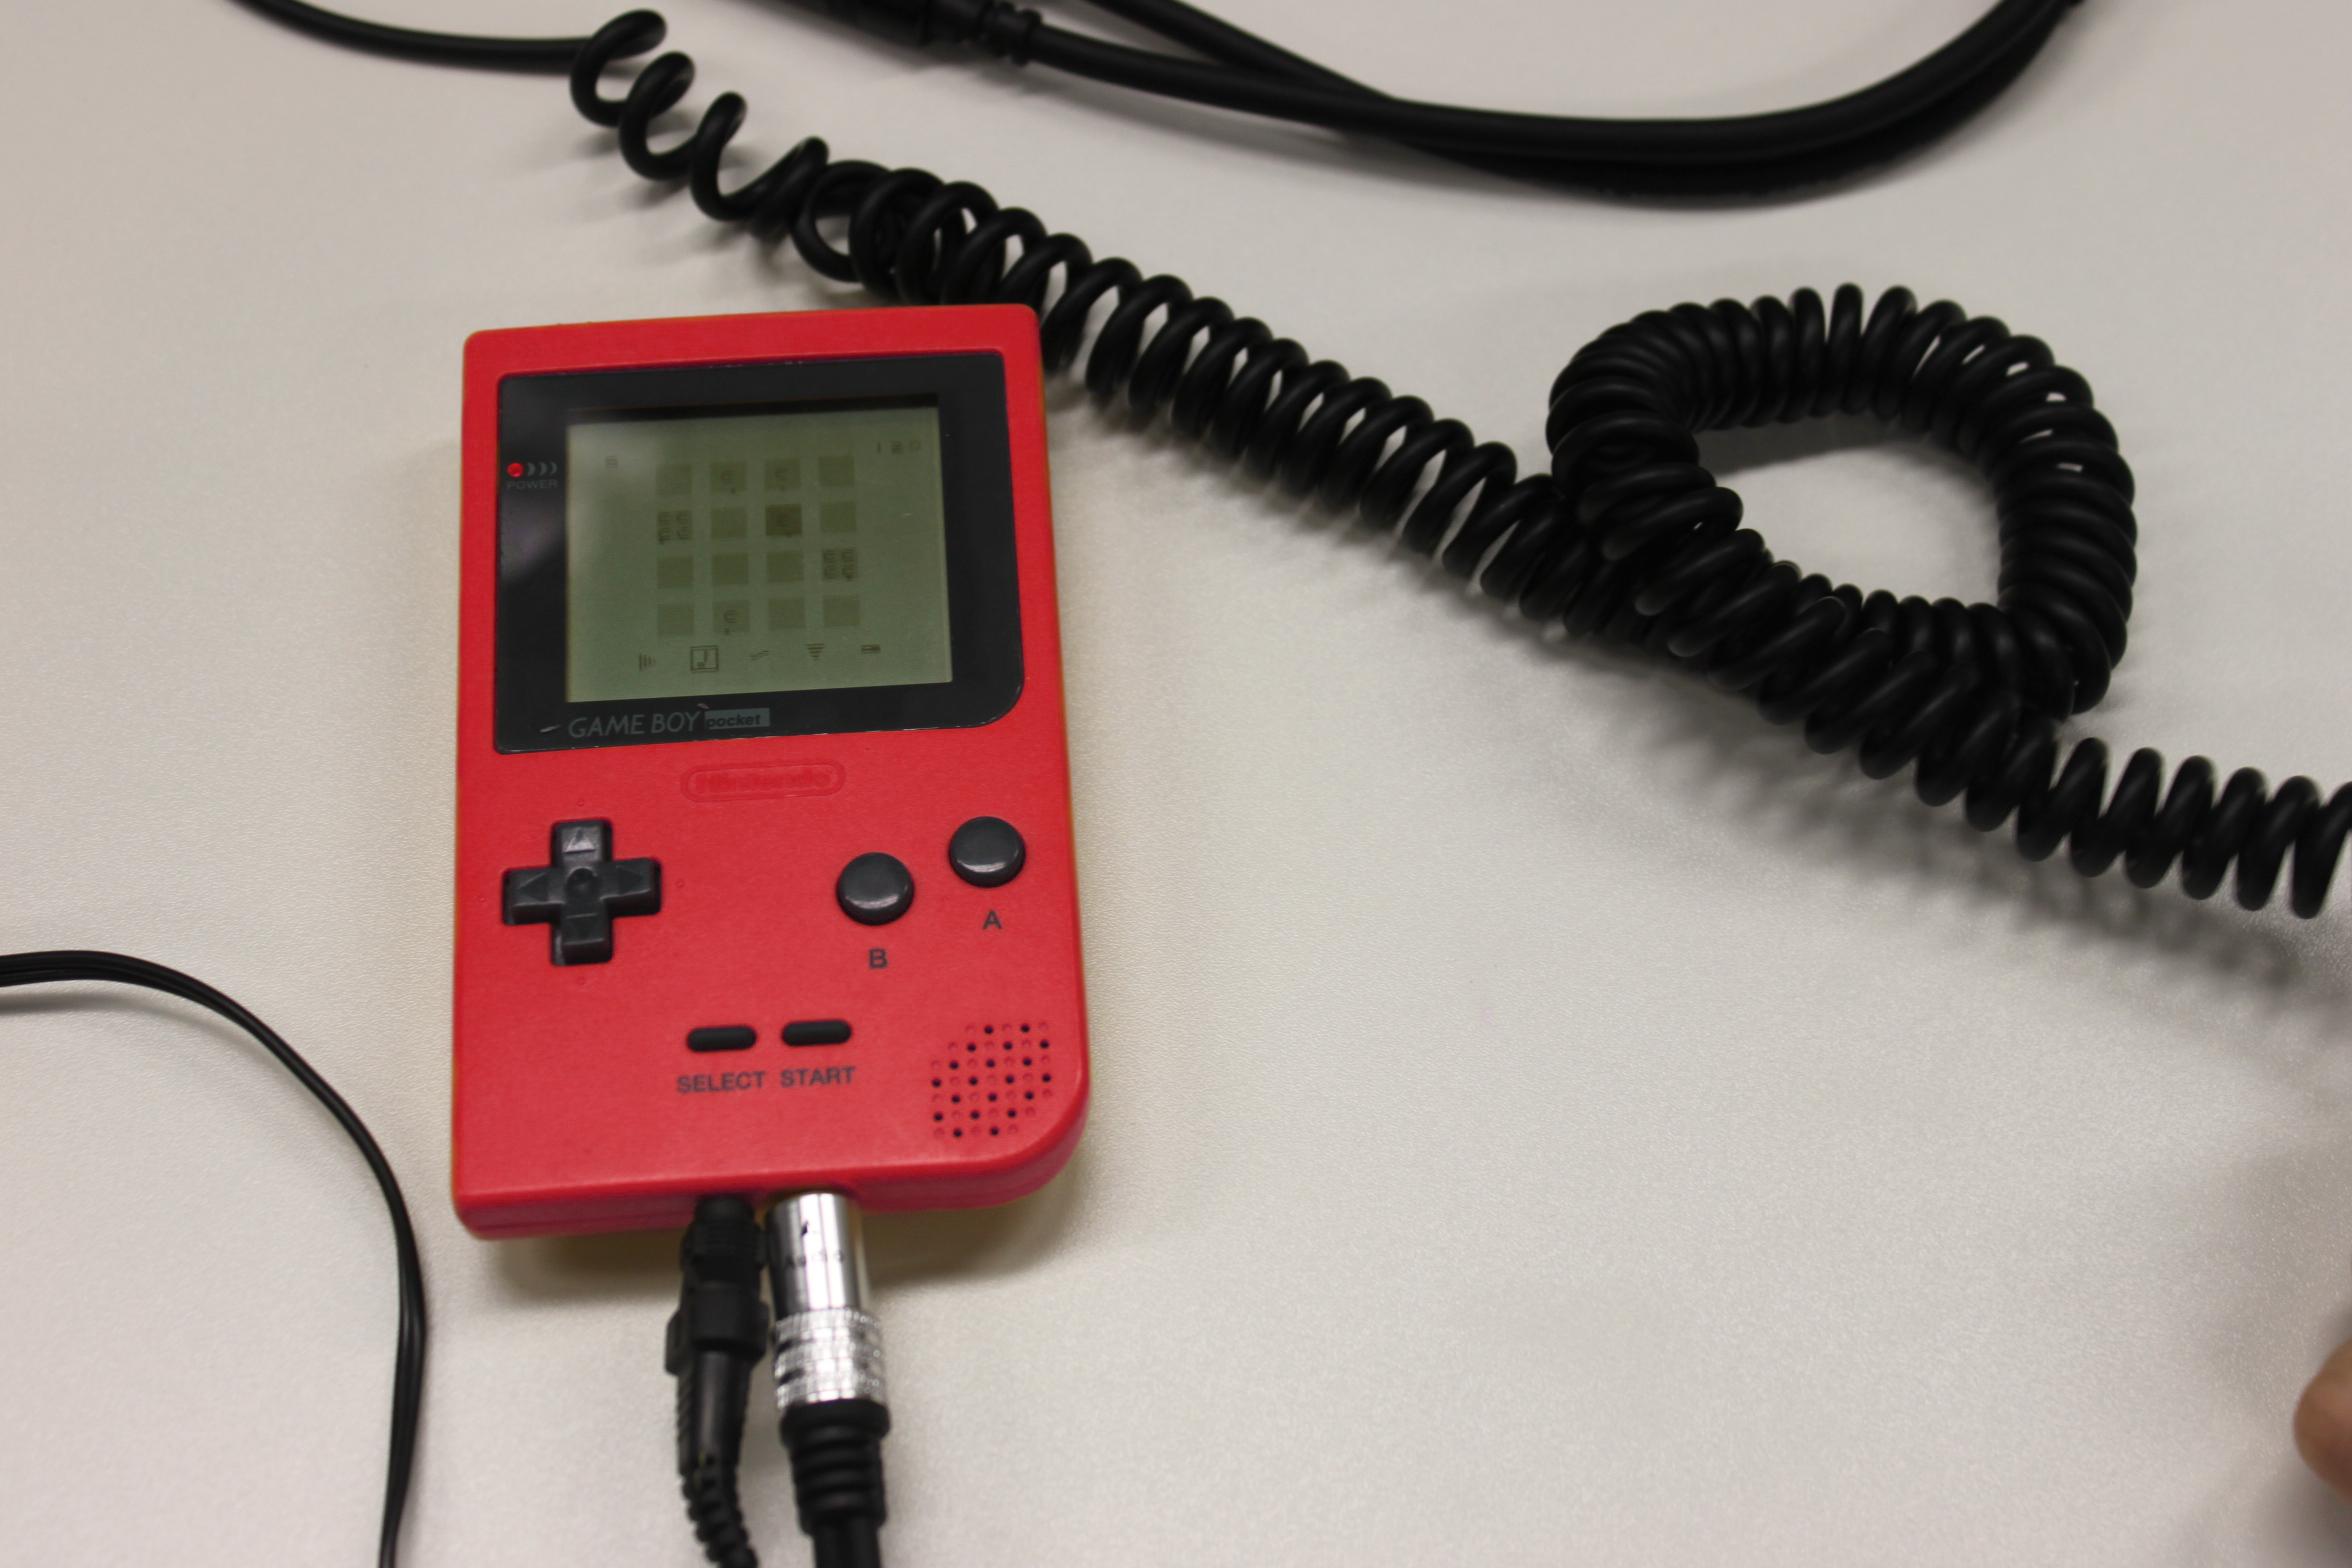 Ein roter Gameboy liegt auf dem Tisch, darum einige Kabel.